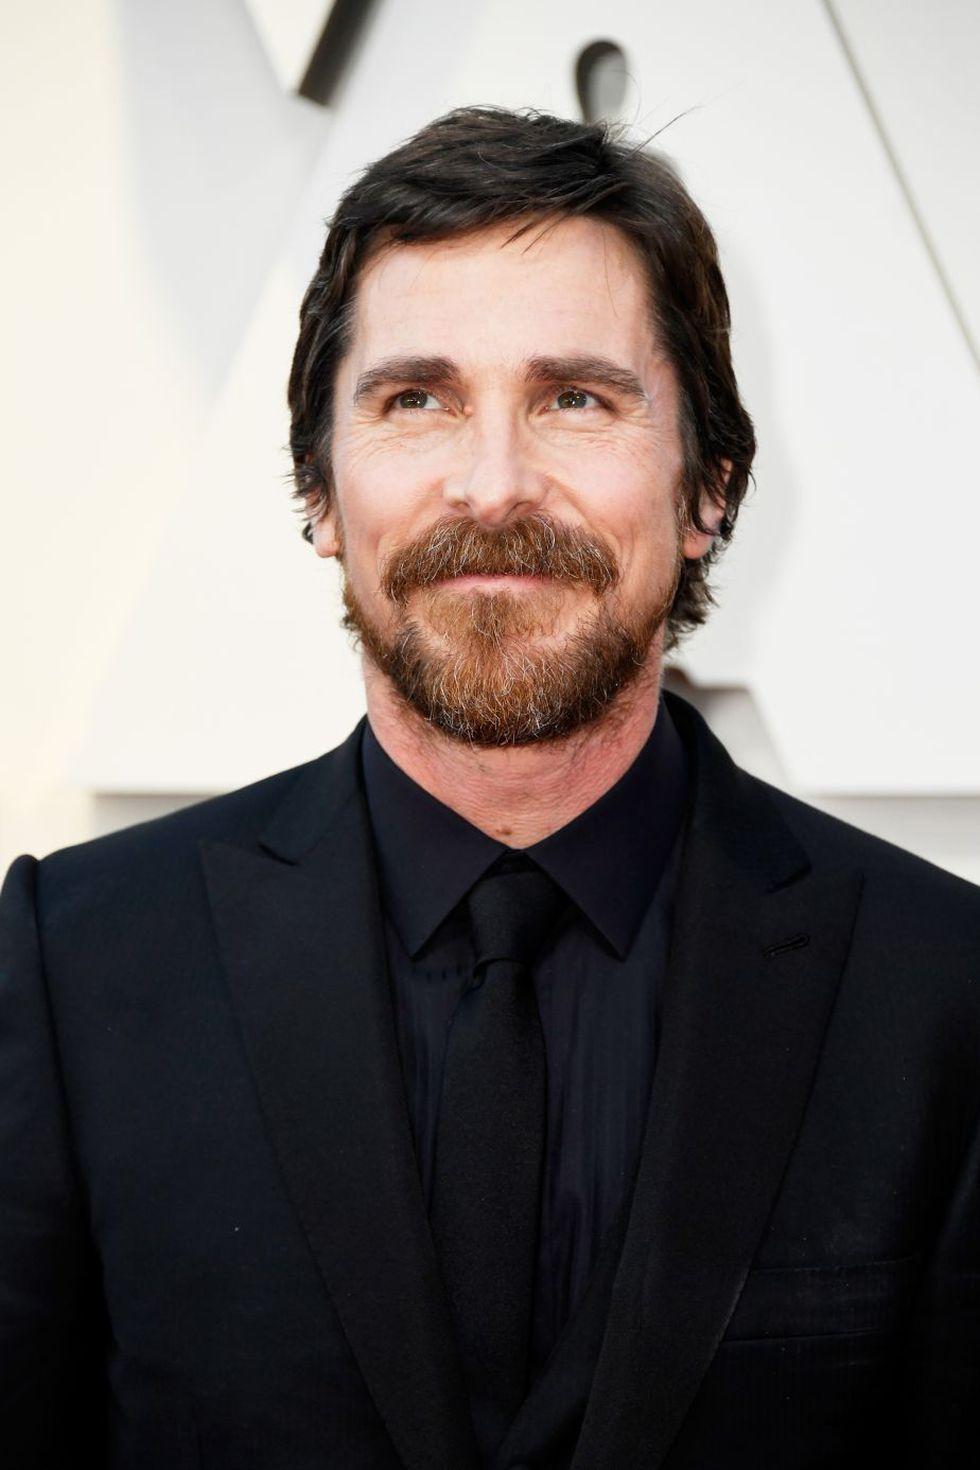 Christian Bale en la alfombra roja del Oscar 2019 (Foto: AFP)